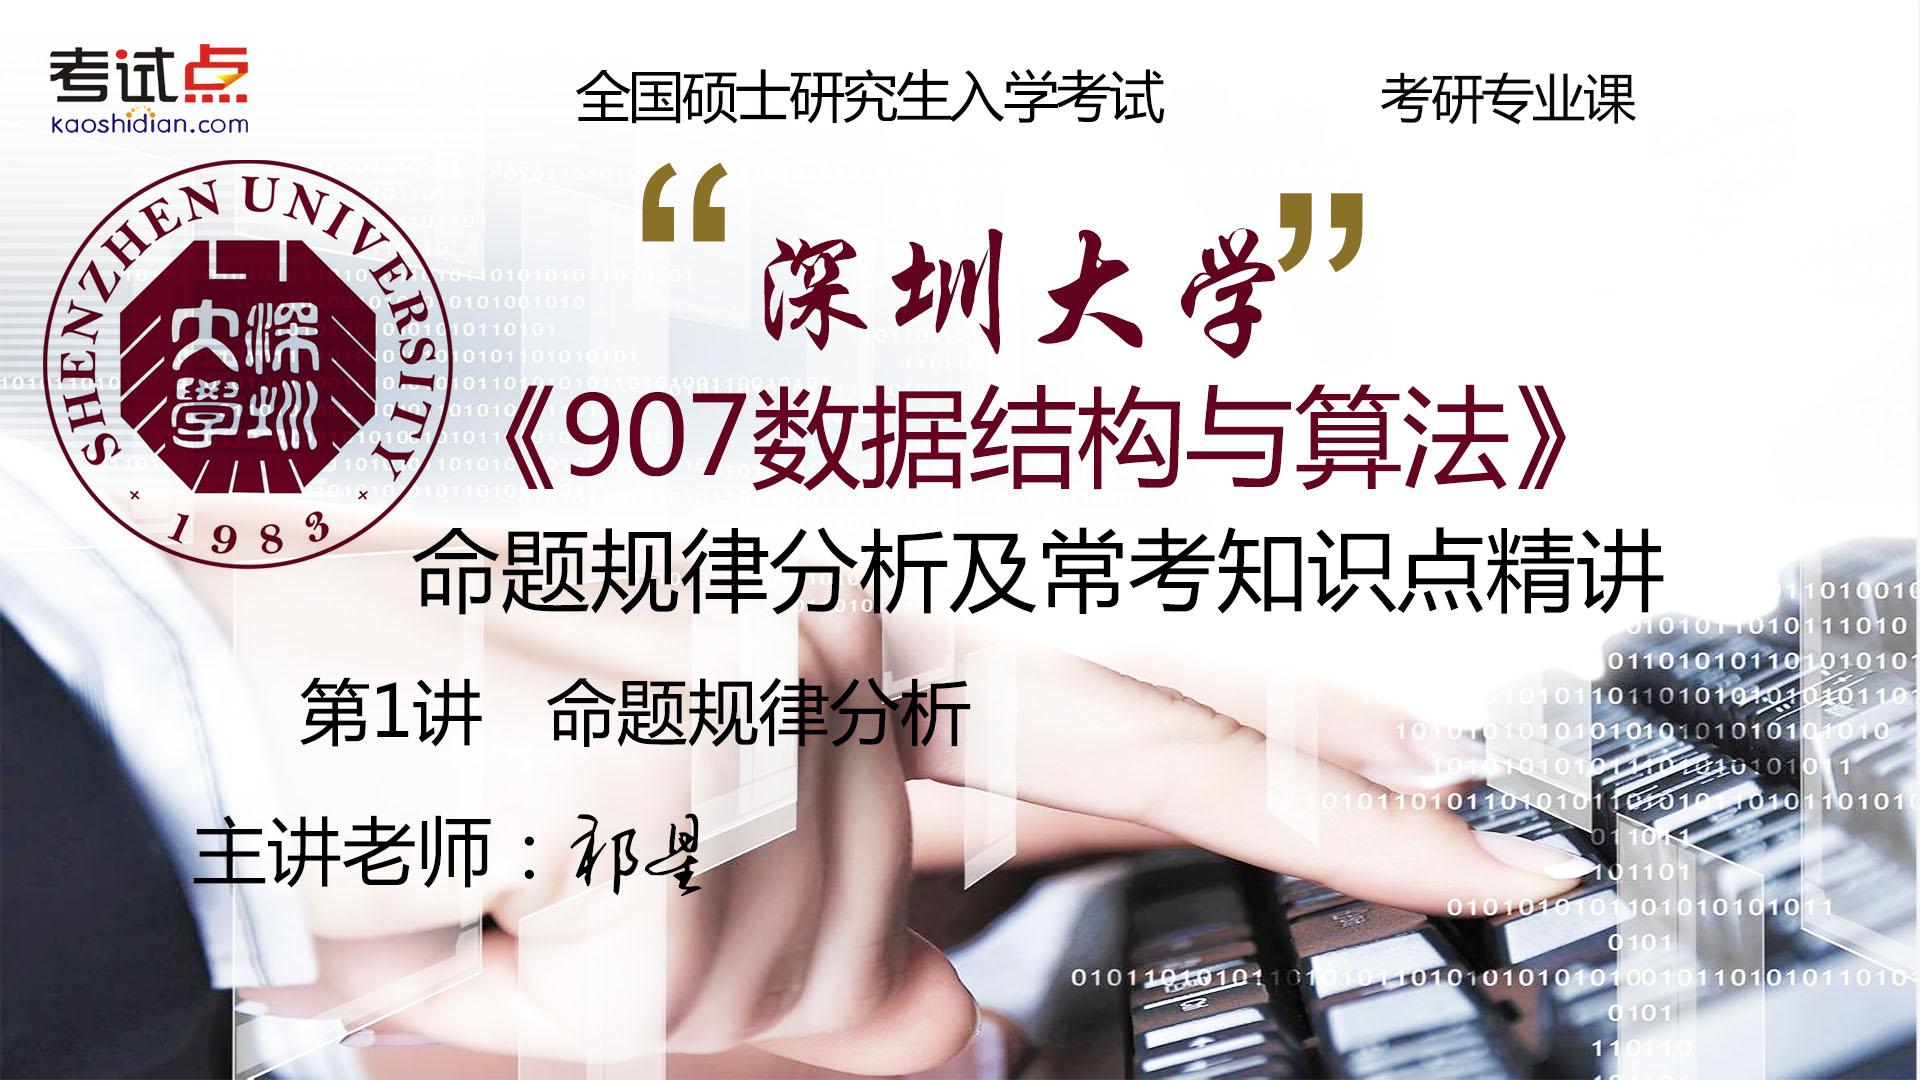 【考研专业课】深圳大学《907数据结构与算法》命题